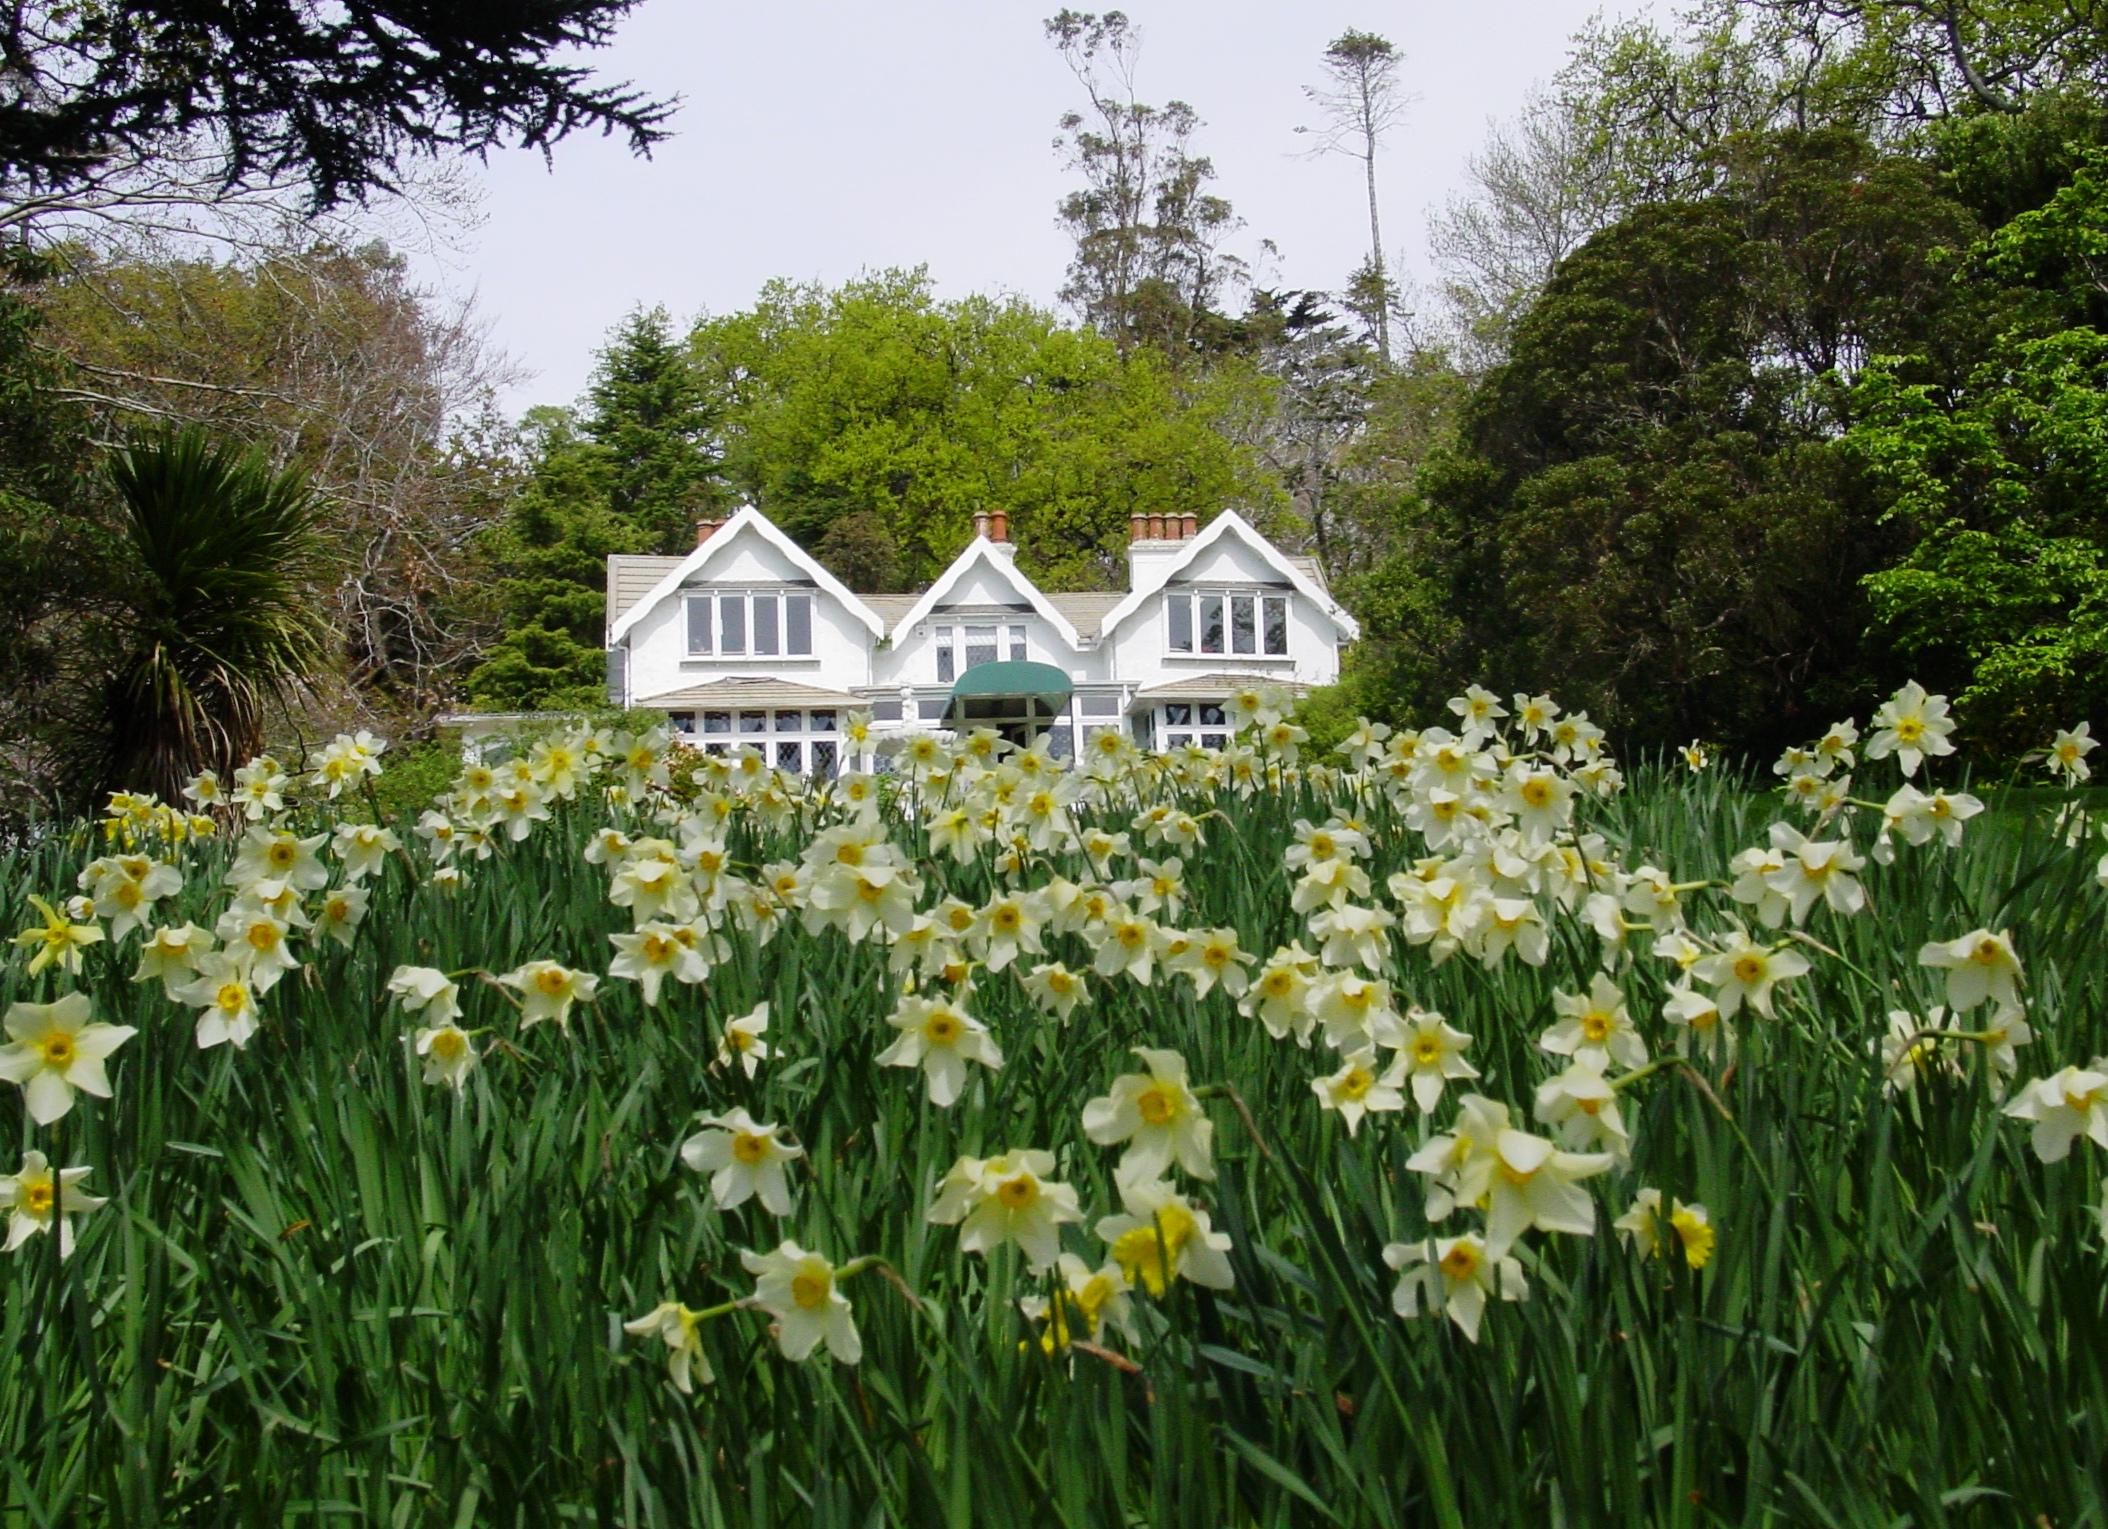 Visit the beautiful gardens - Larnach castle & gardensGlenfalloch Gardens & Cafe